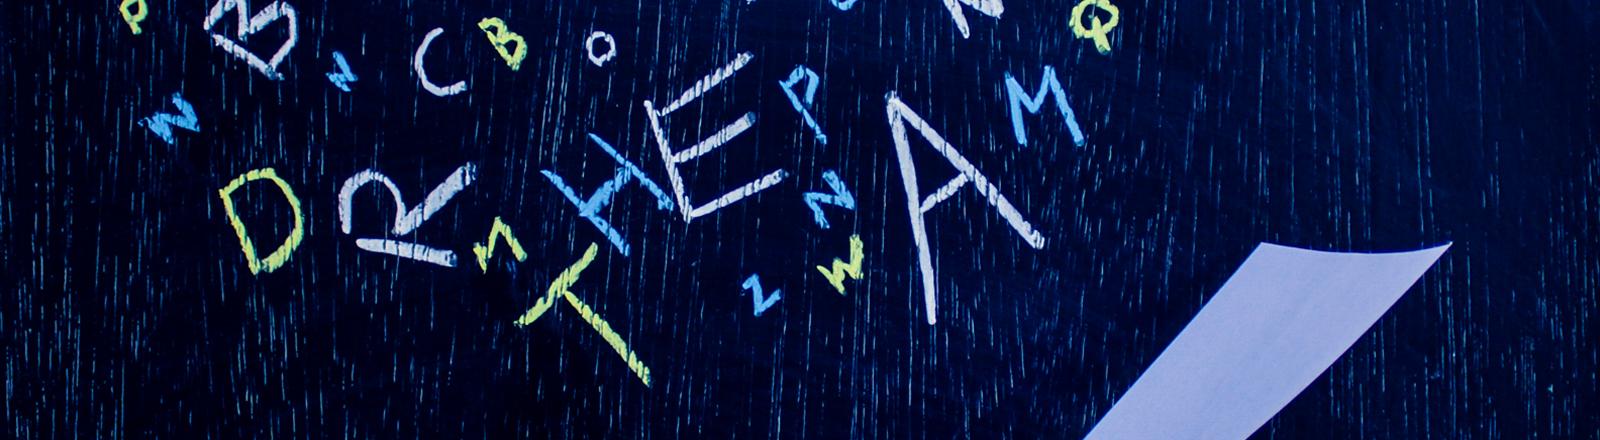 Viele Buchstaben fallen durcheinander auf ein Blatt